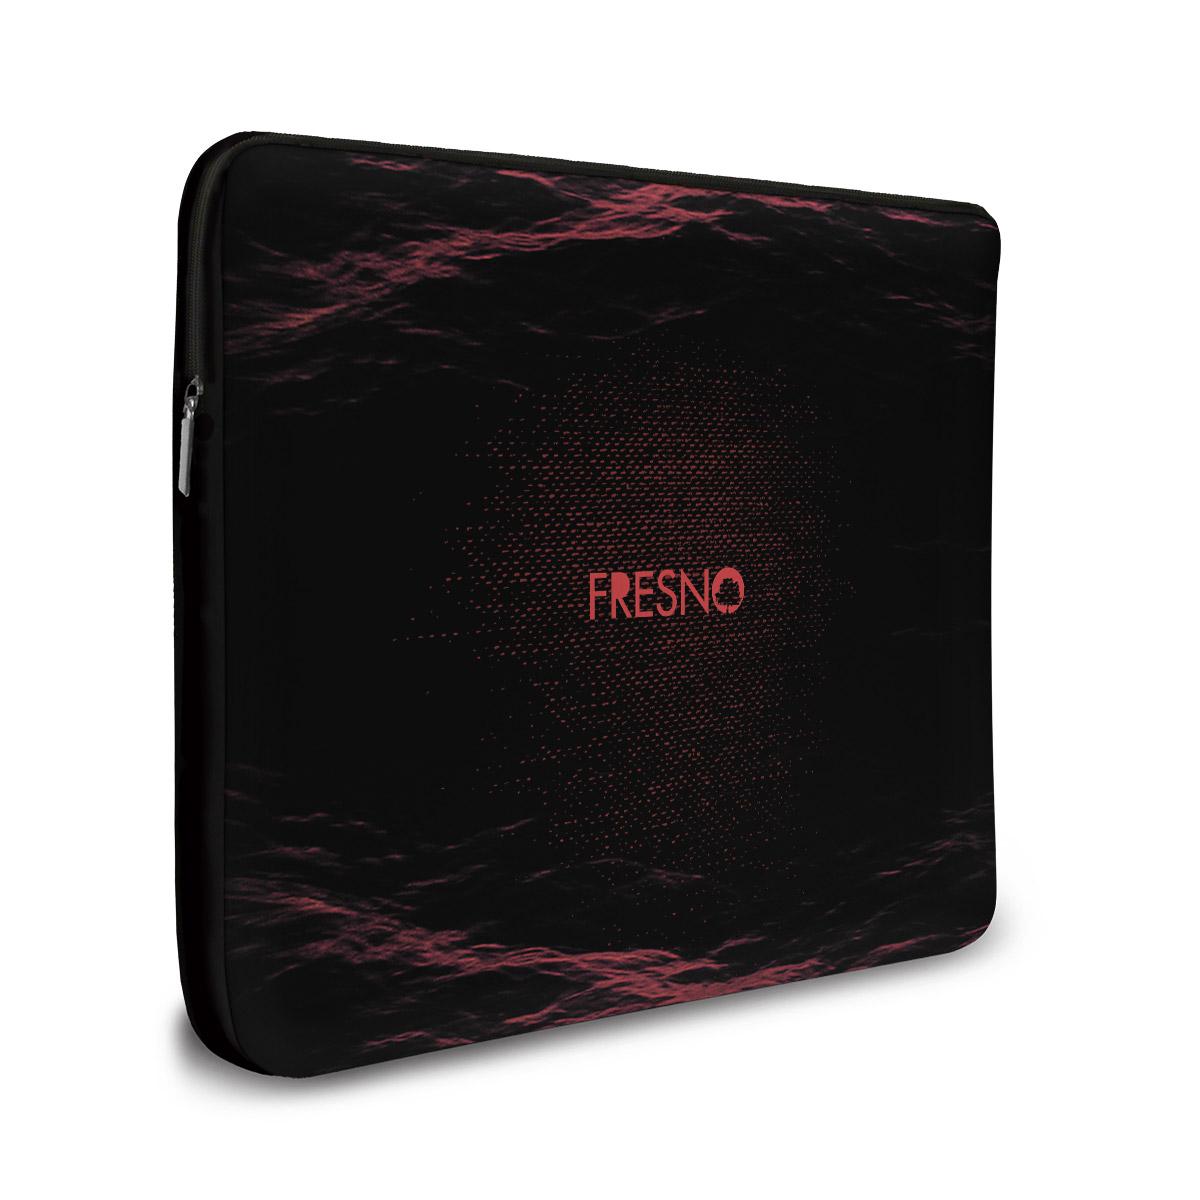 Capa para Notebook Fresno Eu Sou a Maré Viva